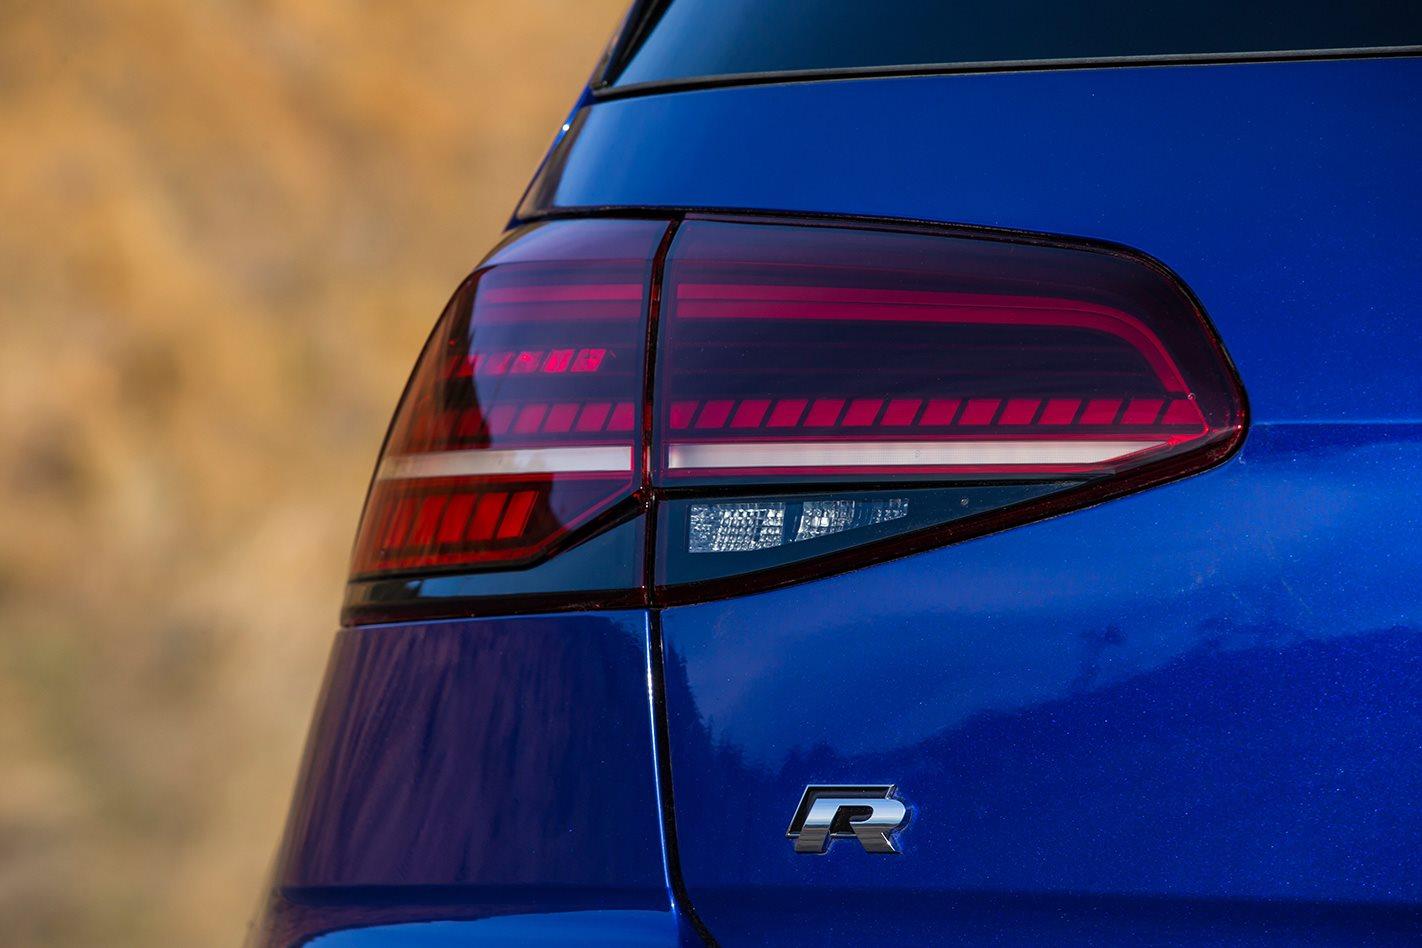 Volkswagen-Golf-R-badge.jpg